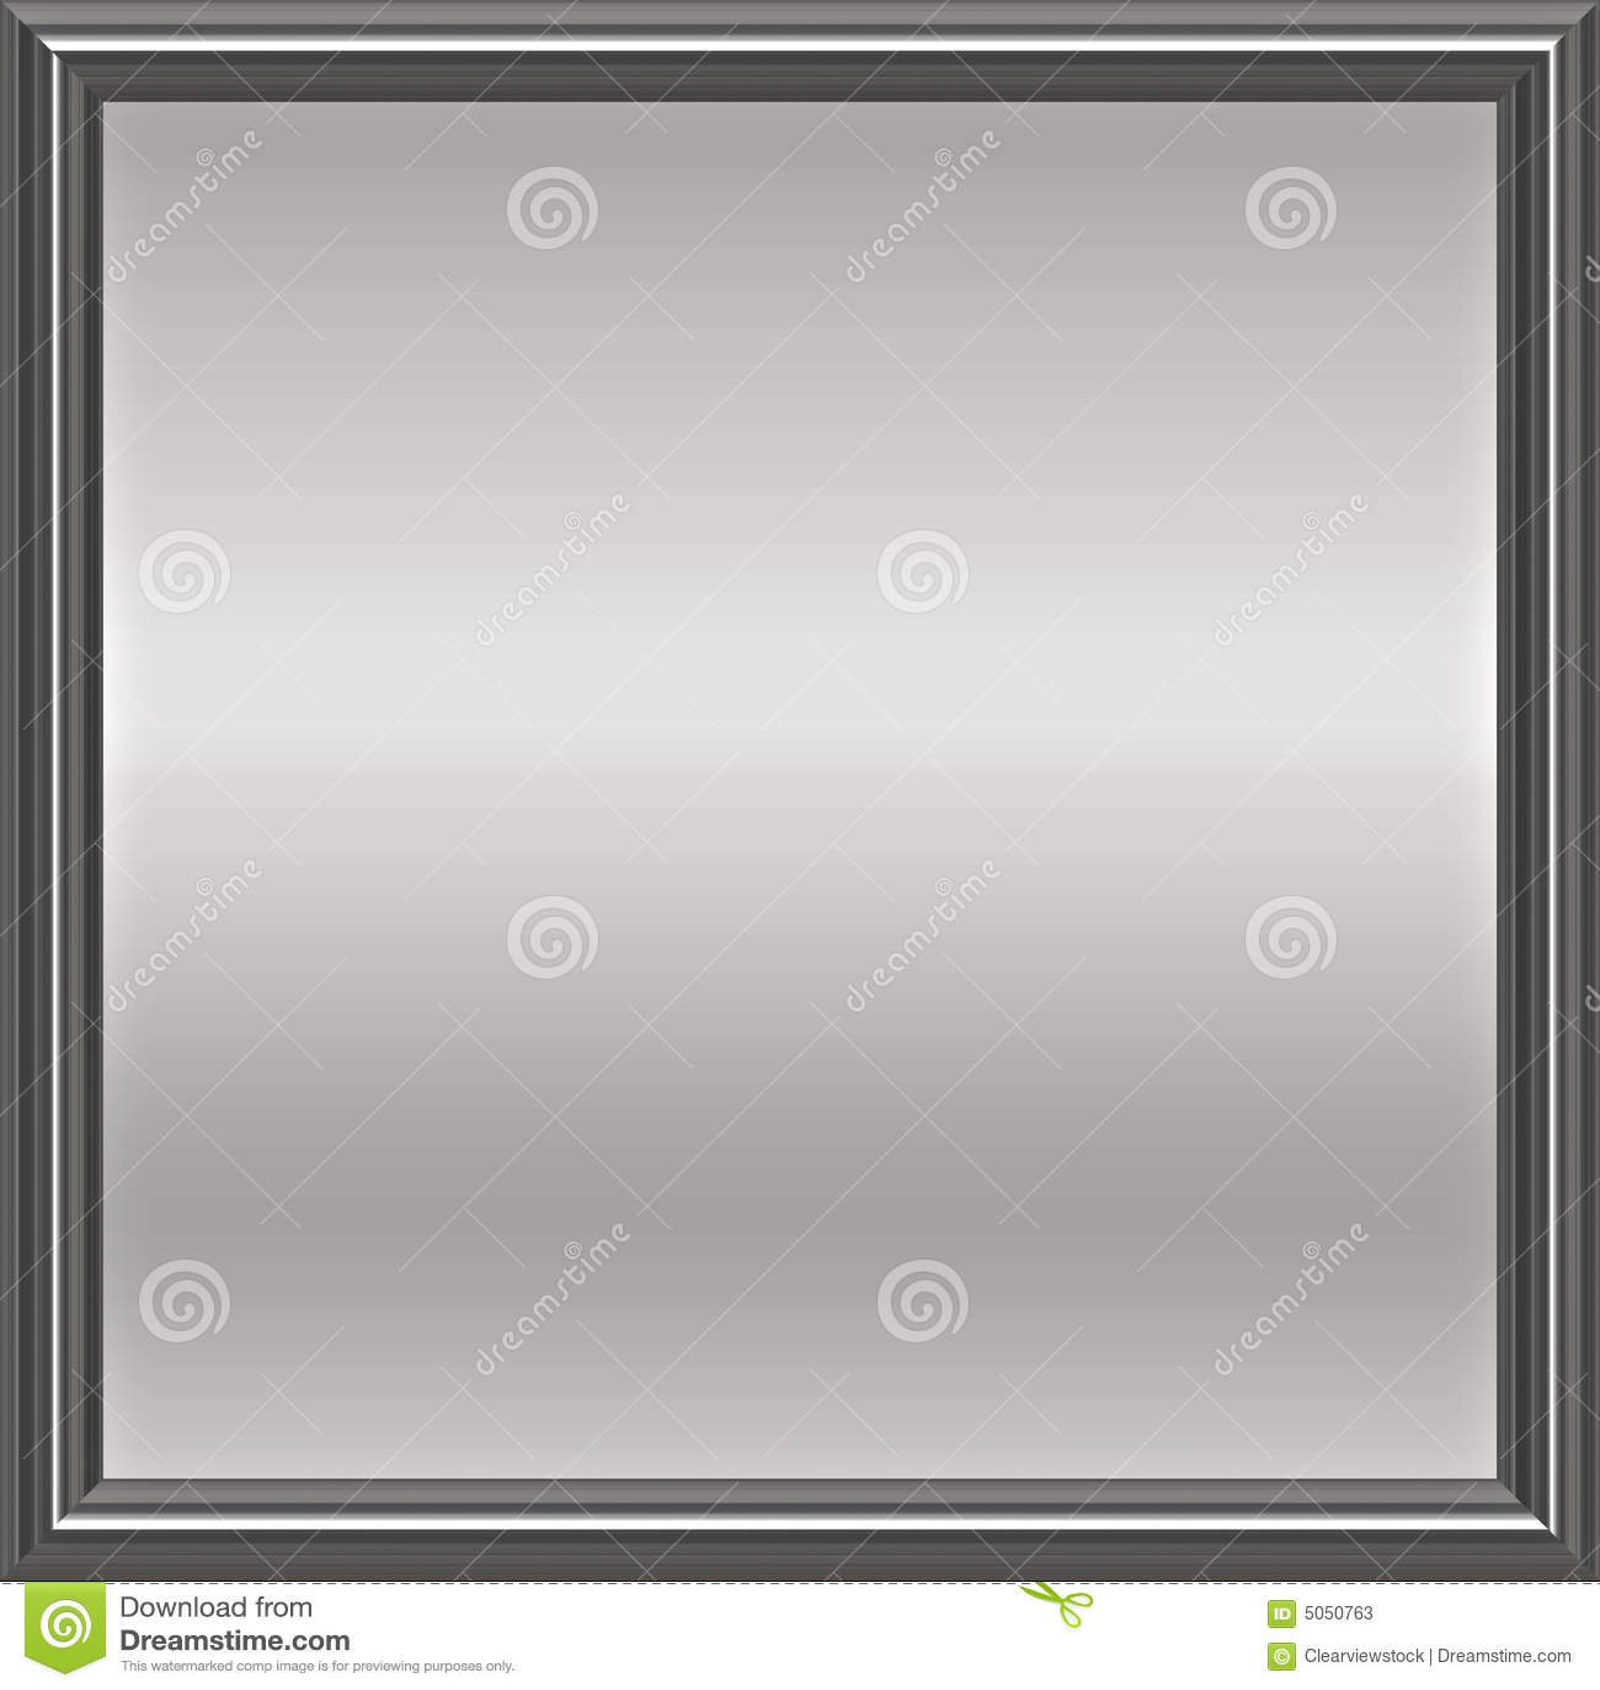 Zilveren Metaal Frame Plaque Stock Illustratie - Illustratie ...